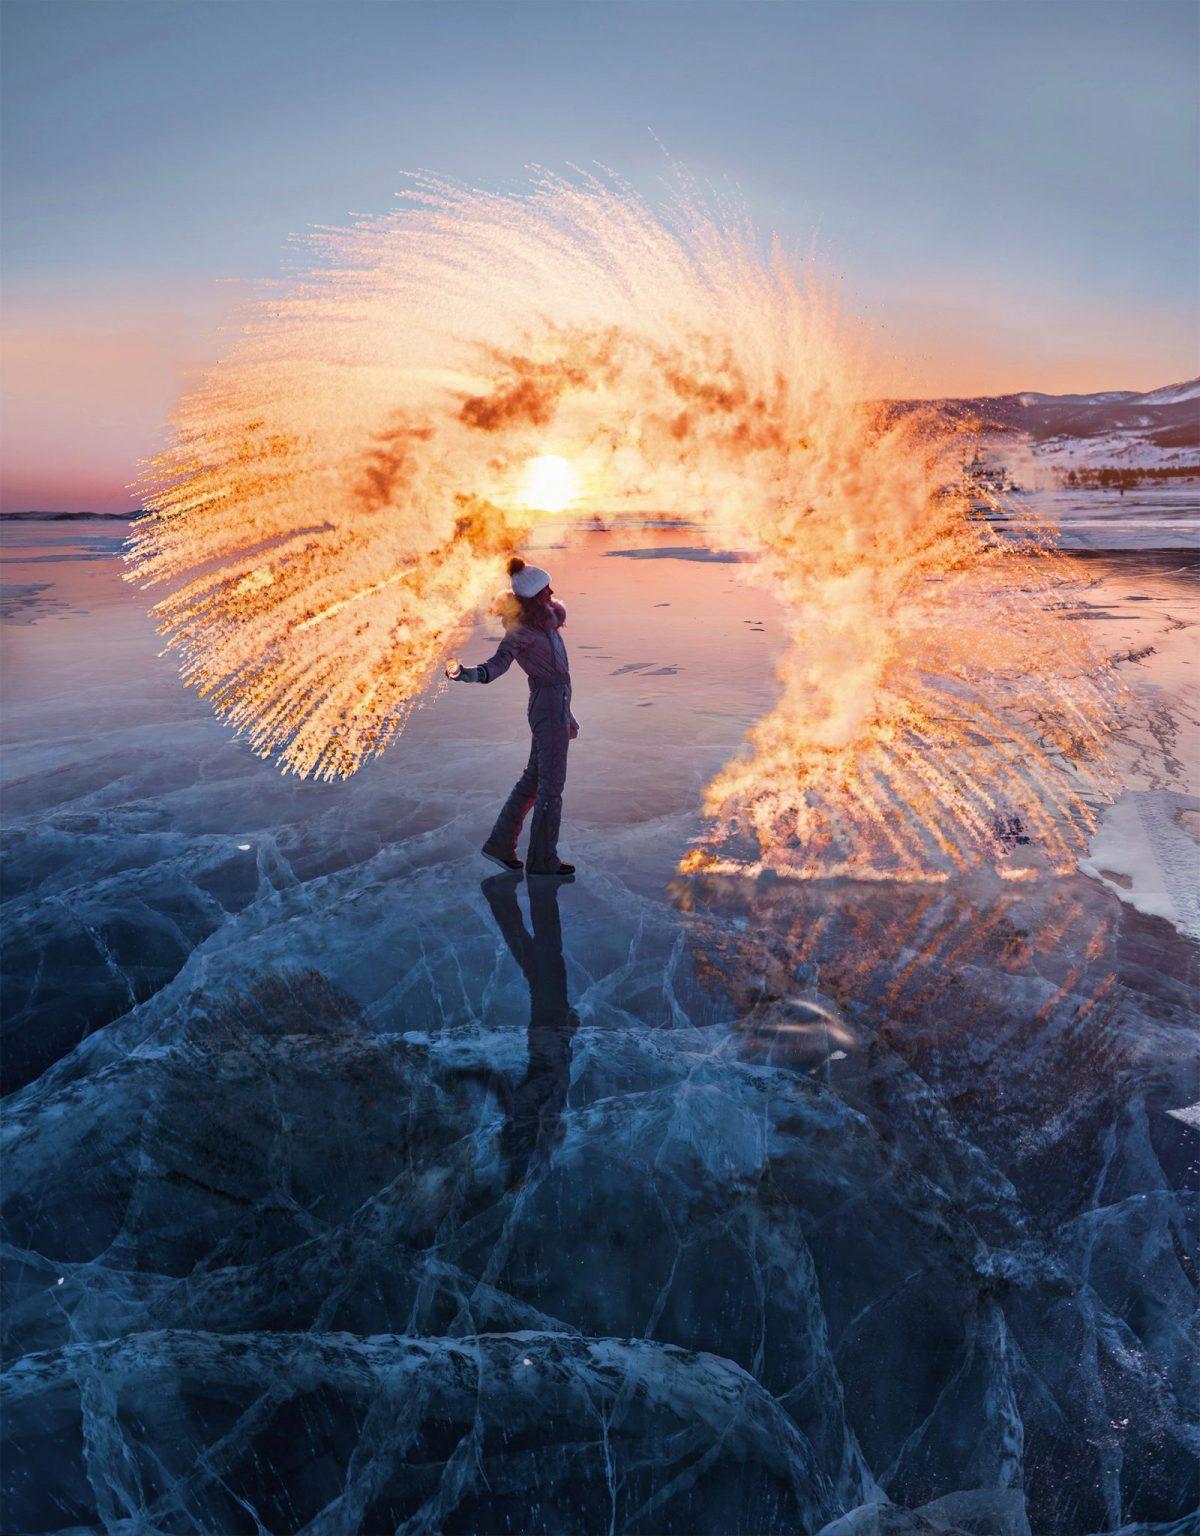 photography-kristina-makeeva-04-1600x2048